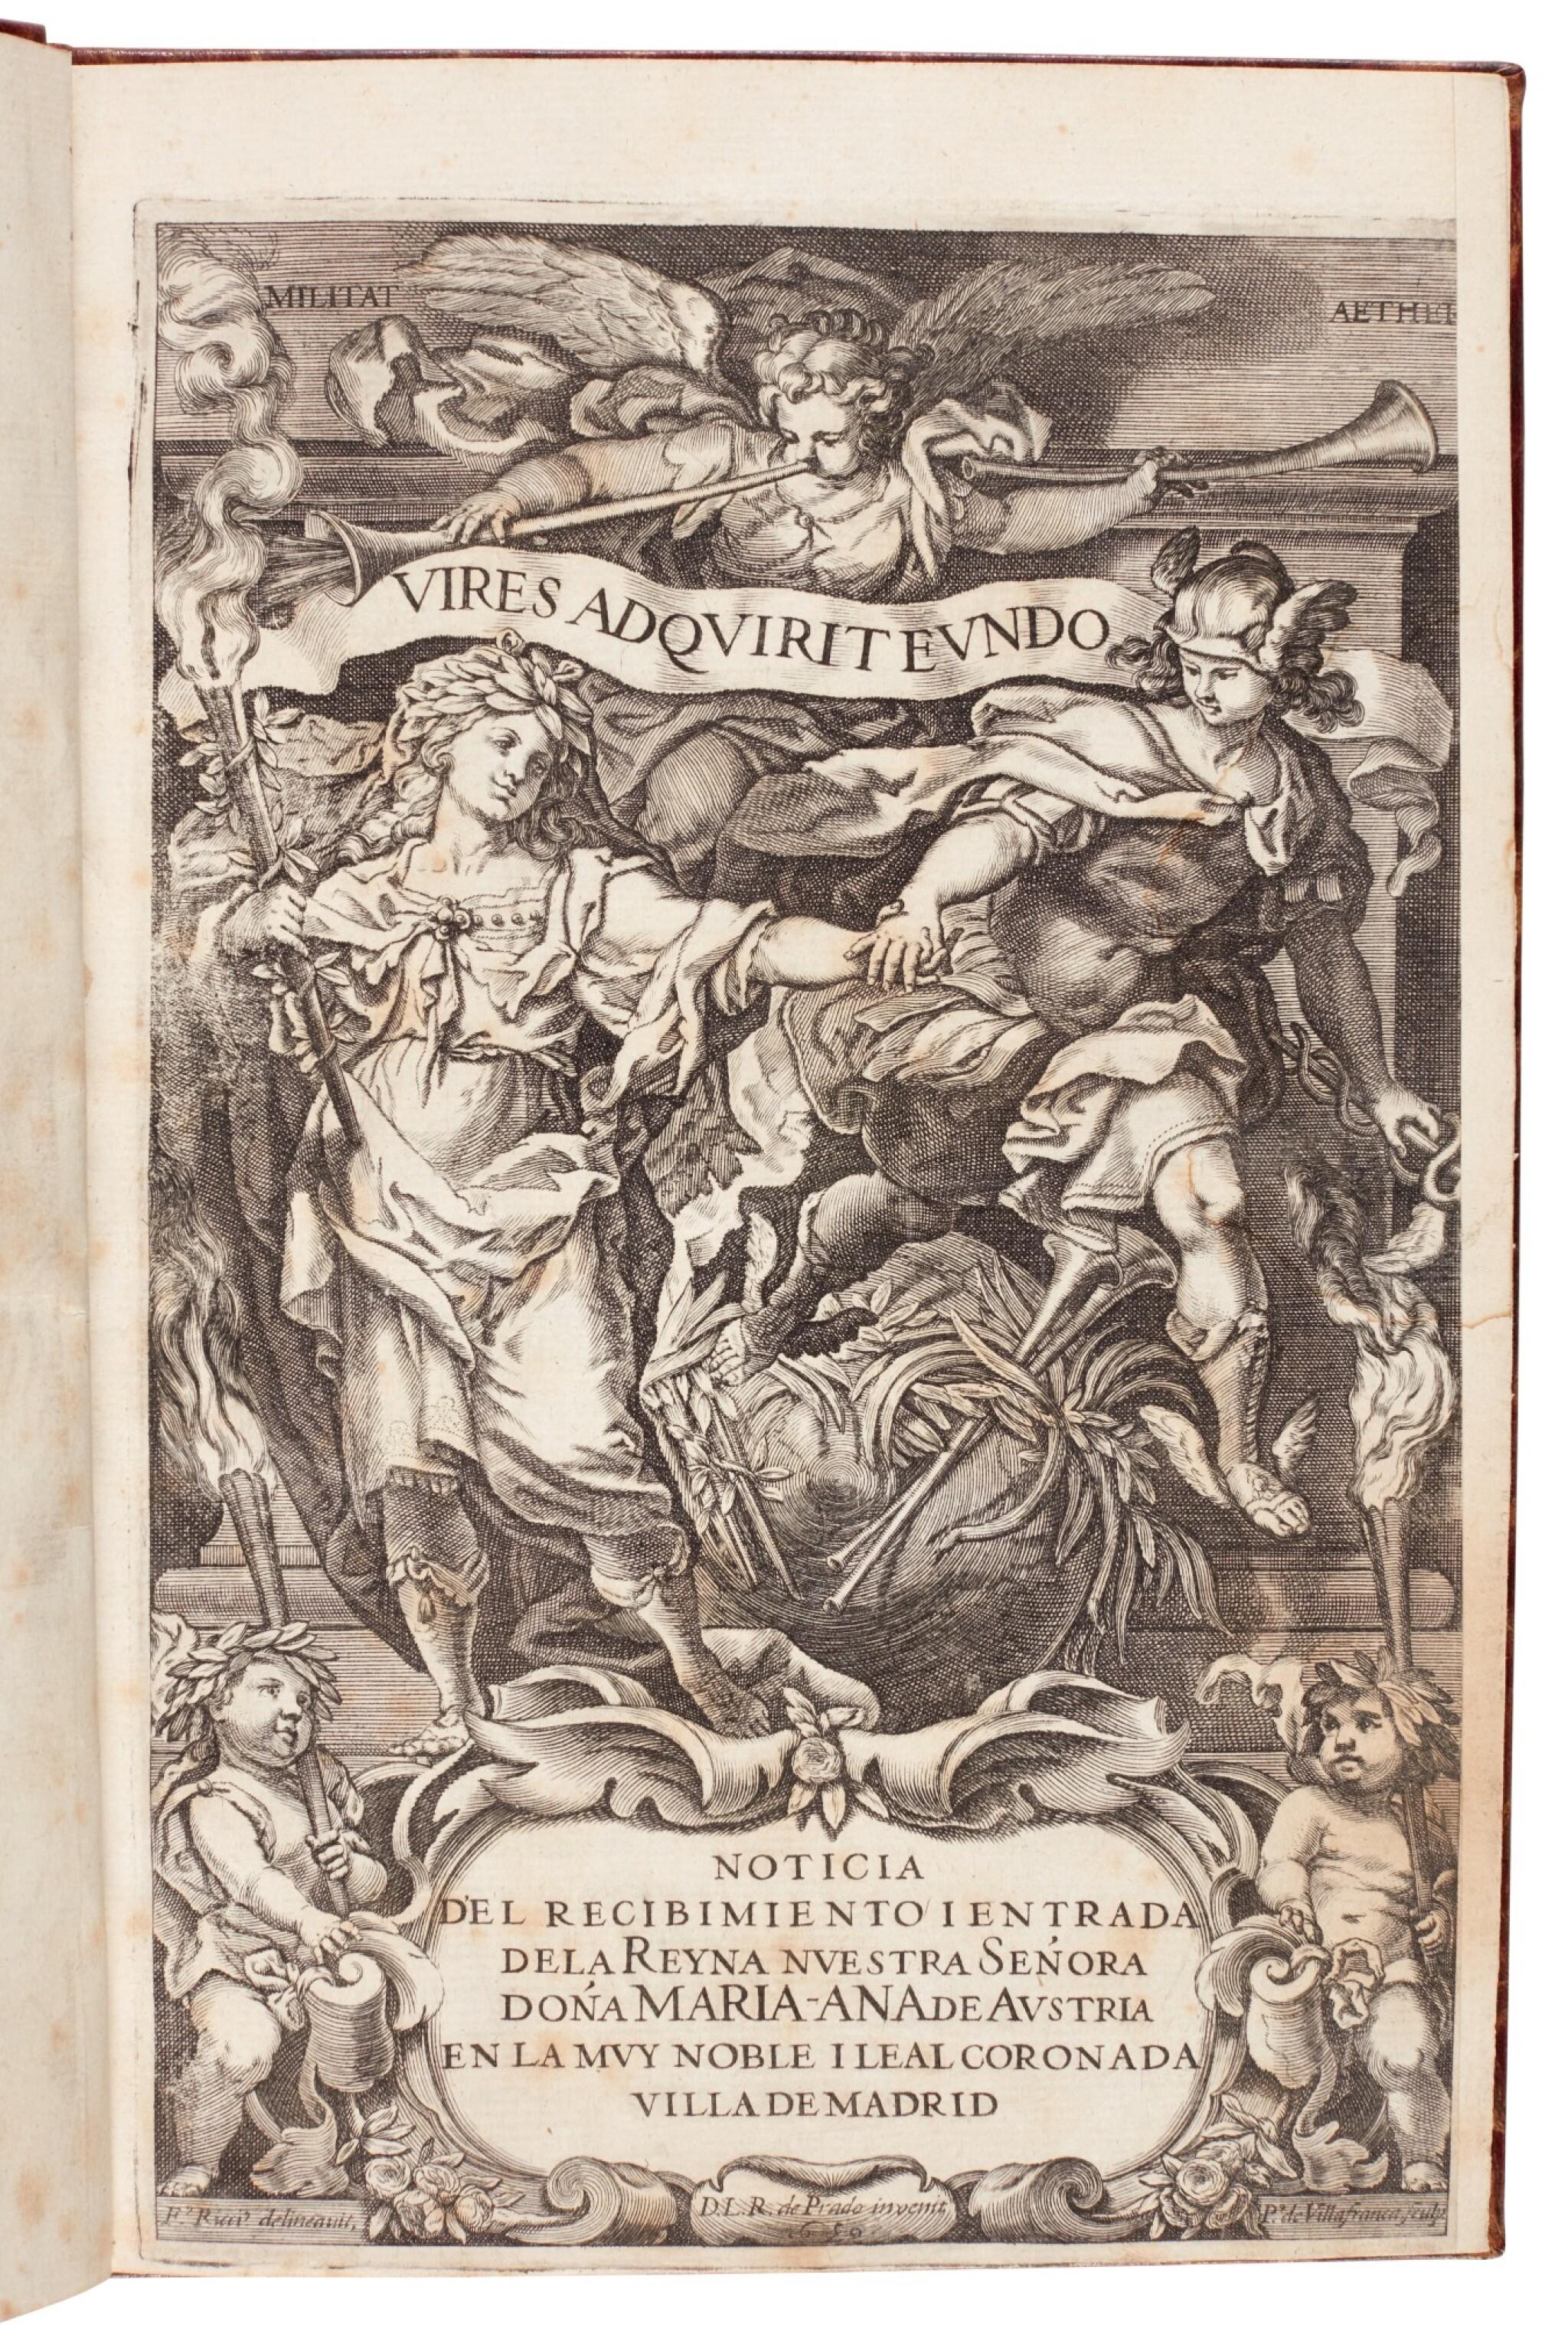 View full screen - View 1 of Lot 177. Noticia del recibimiento i entrada de la reyna... doña Maria-Ana de Austria, [Madrid, c. 1650].